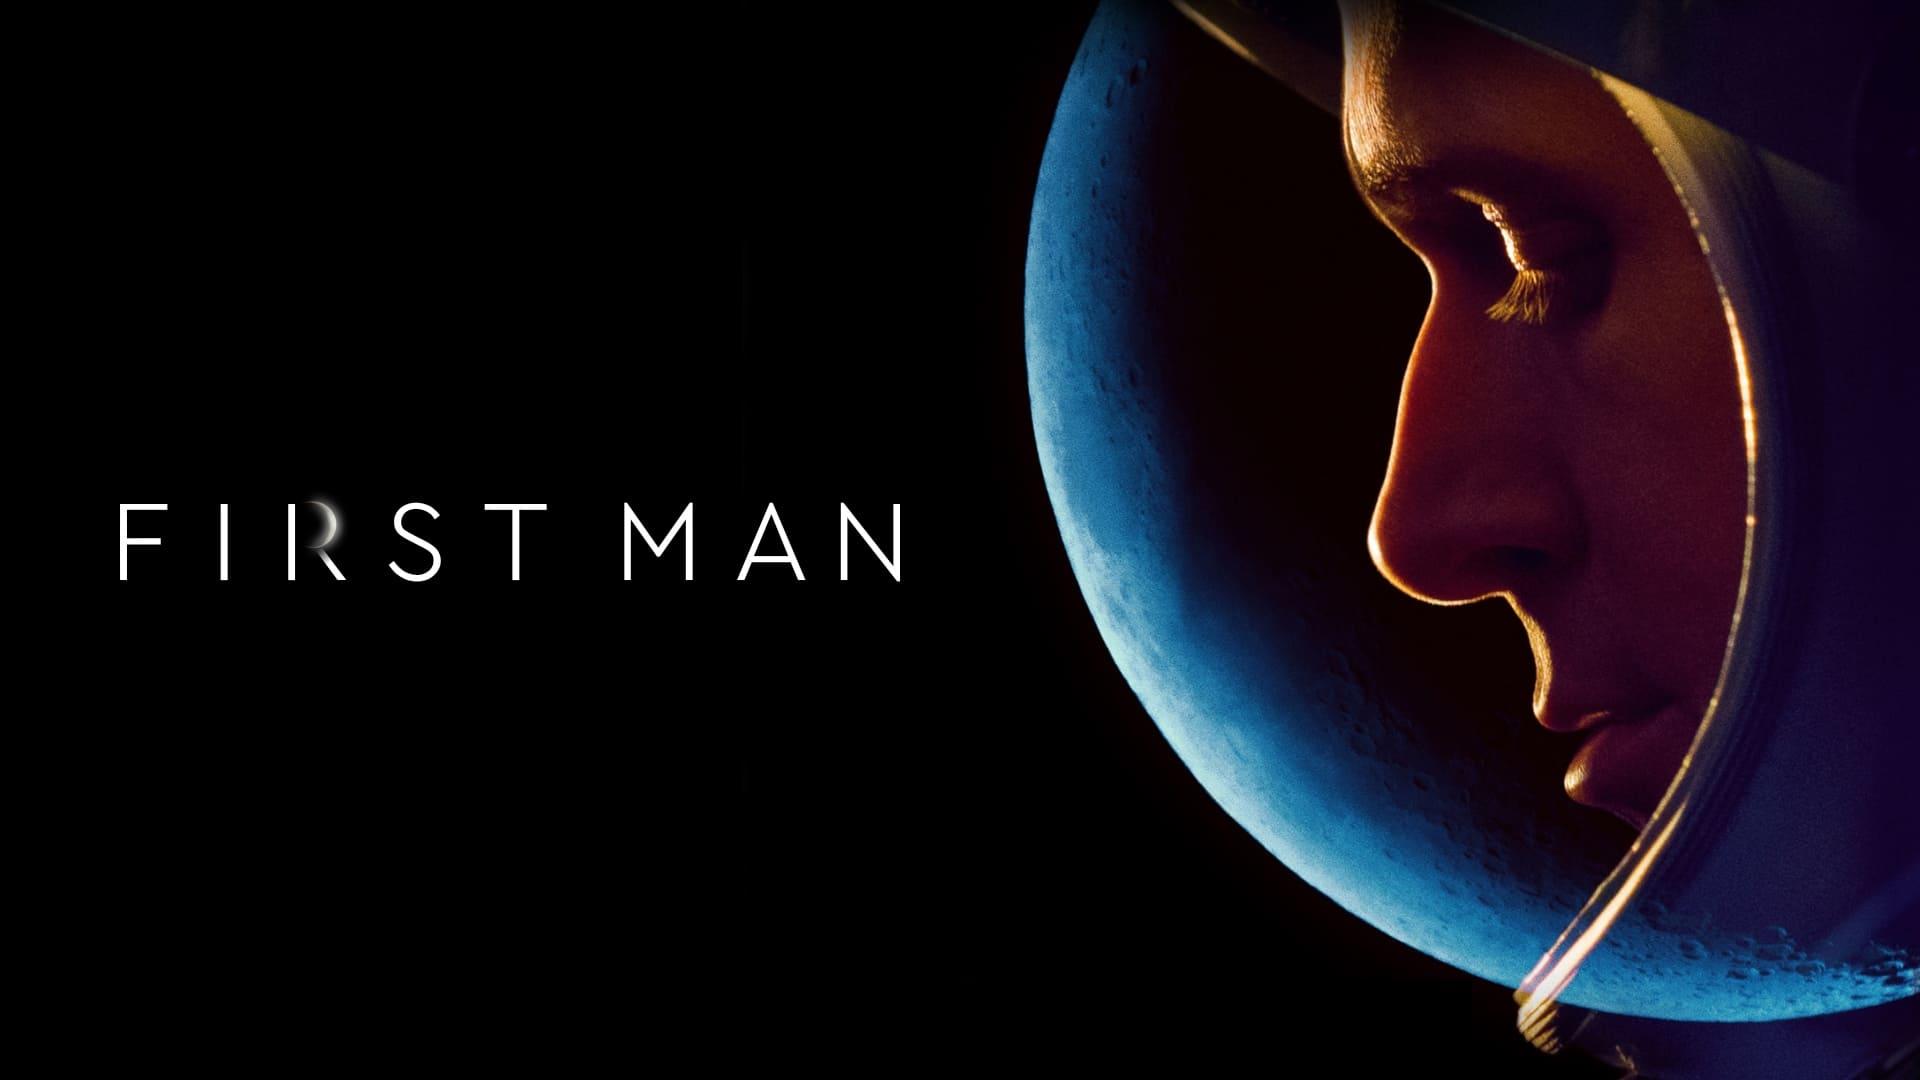 Първият човек